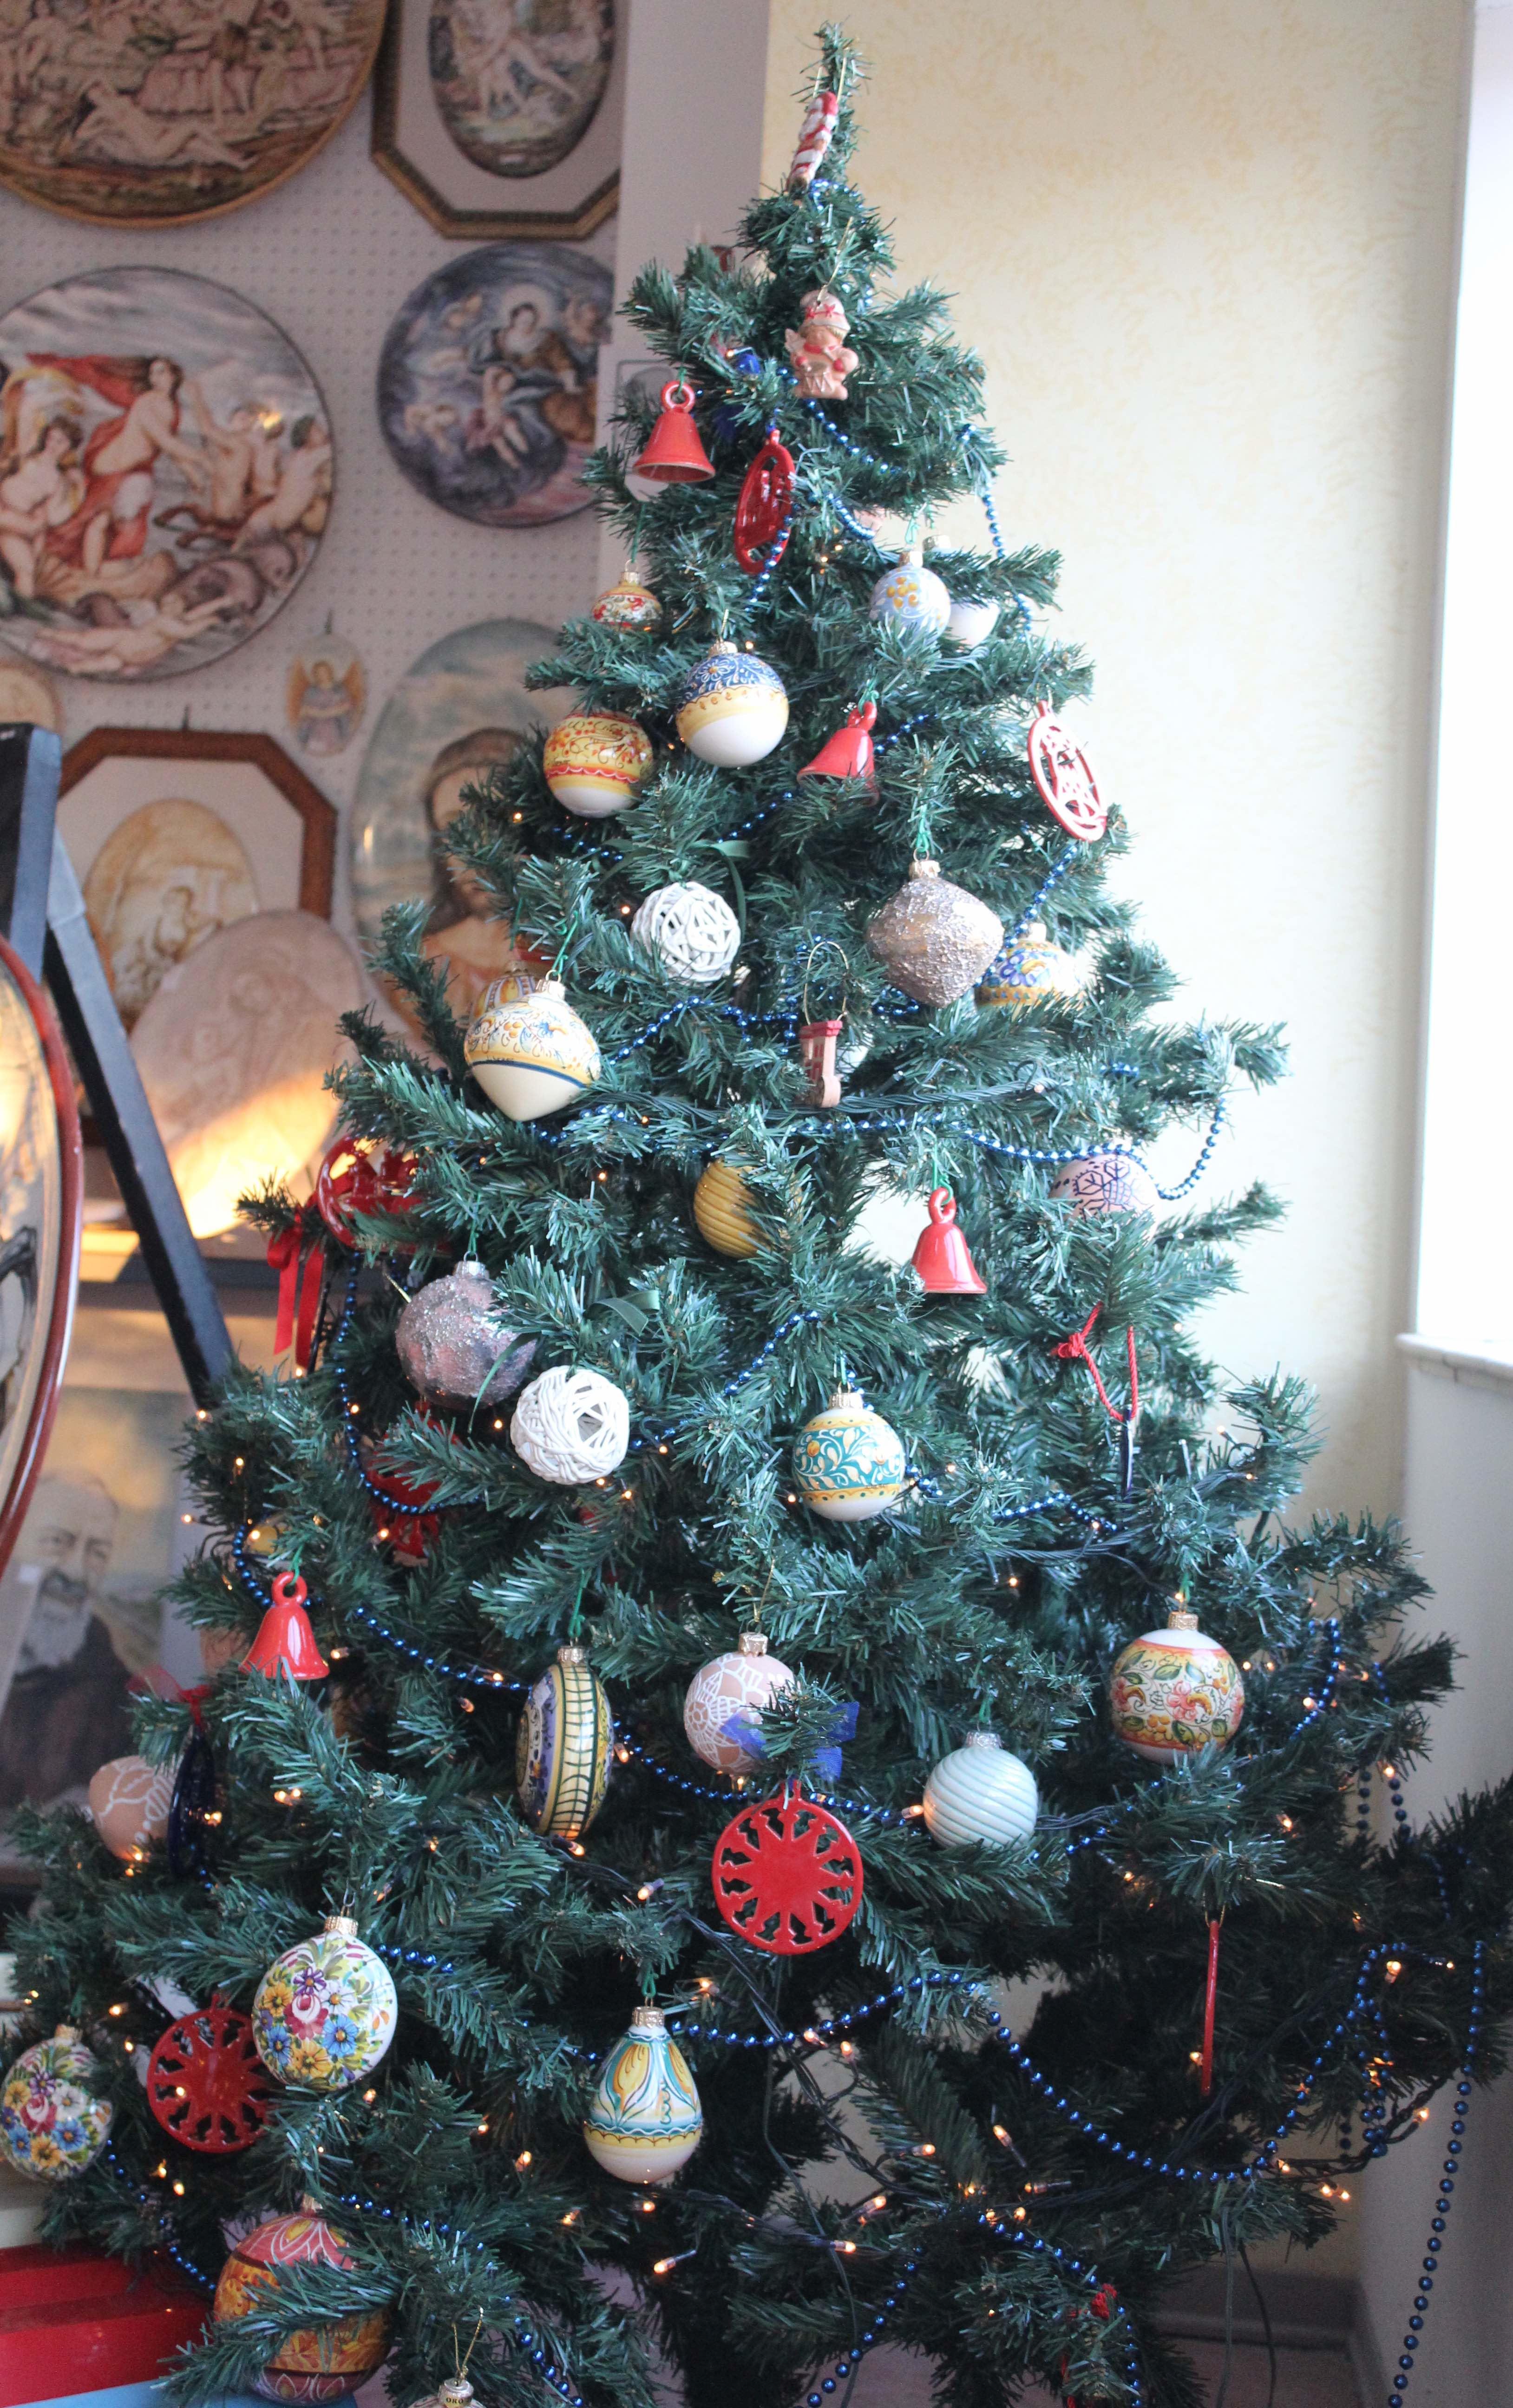 L Albero Di Natale.Decorazioni Natalizie Quando Nasce L Albero Di Natale